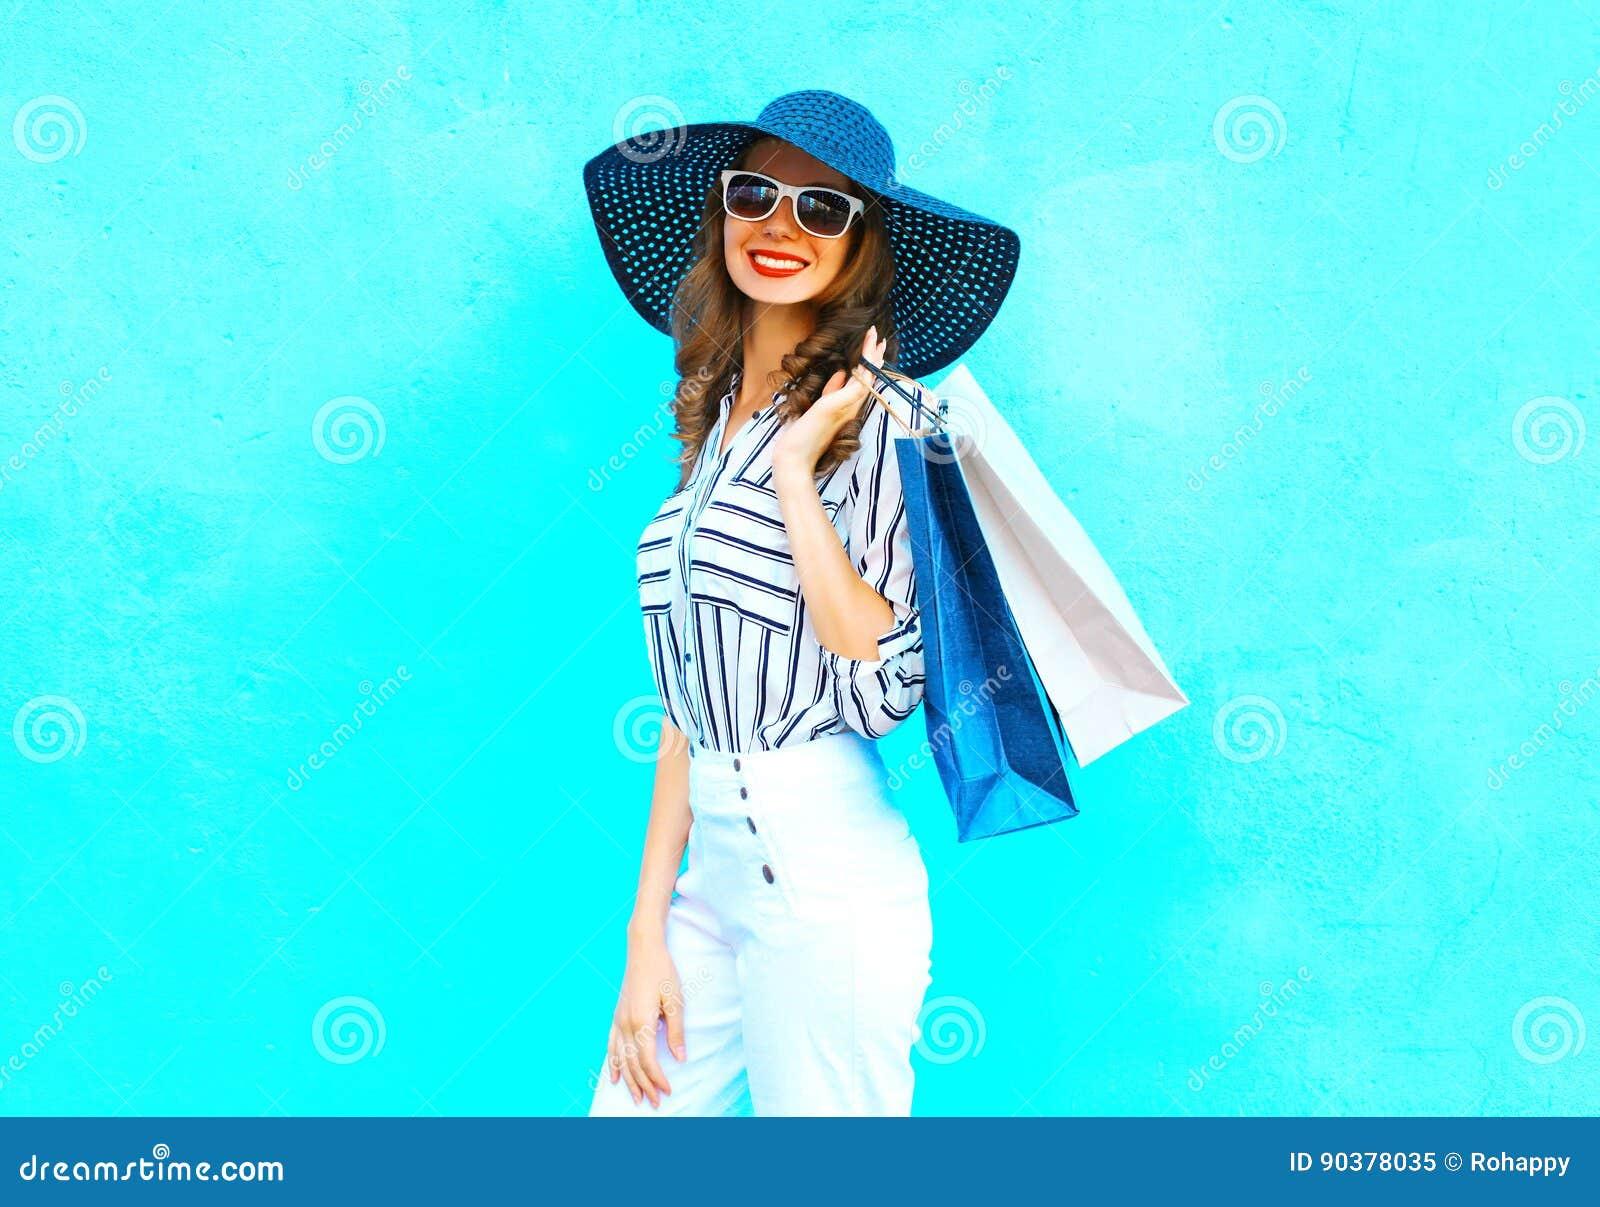 Fasonuje portret kobiety młody uśmiechnięty być ubranym torba na zakupy, słomiany kapelusz, biel spodnia nad kolorowym błękitnym